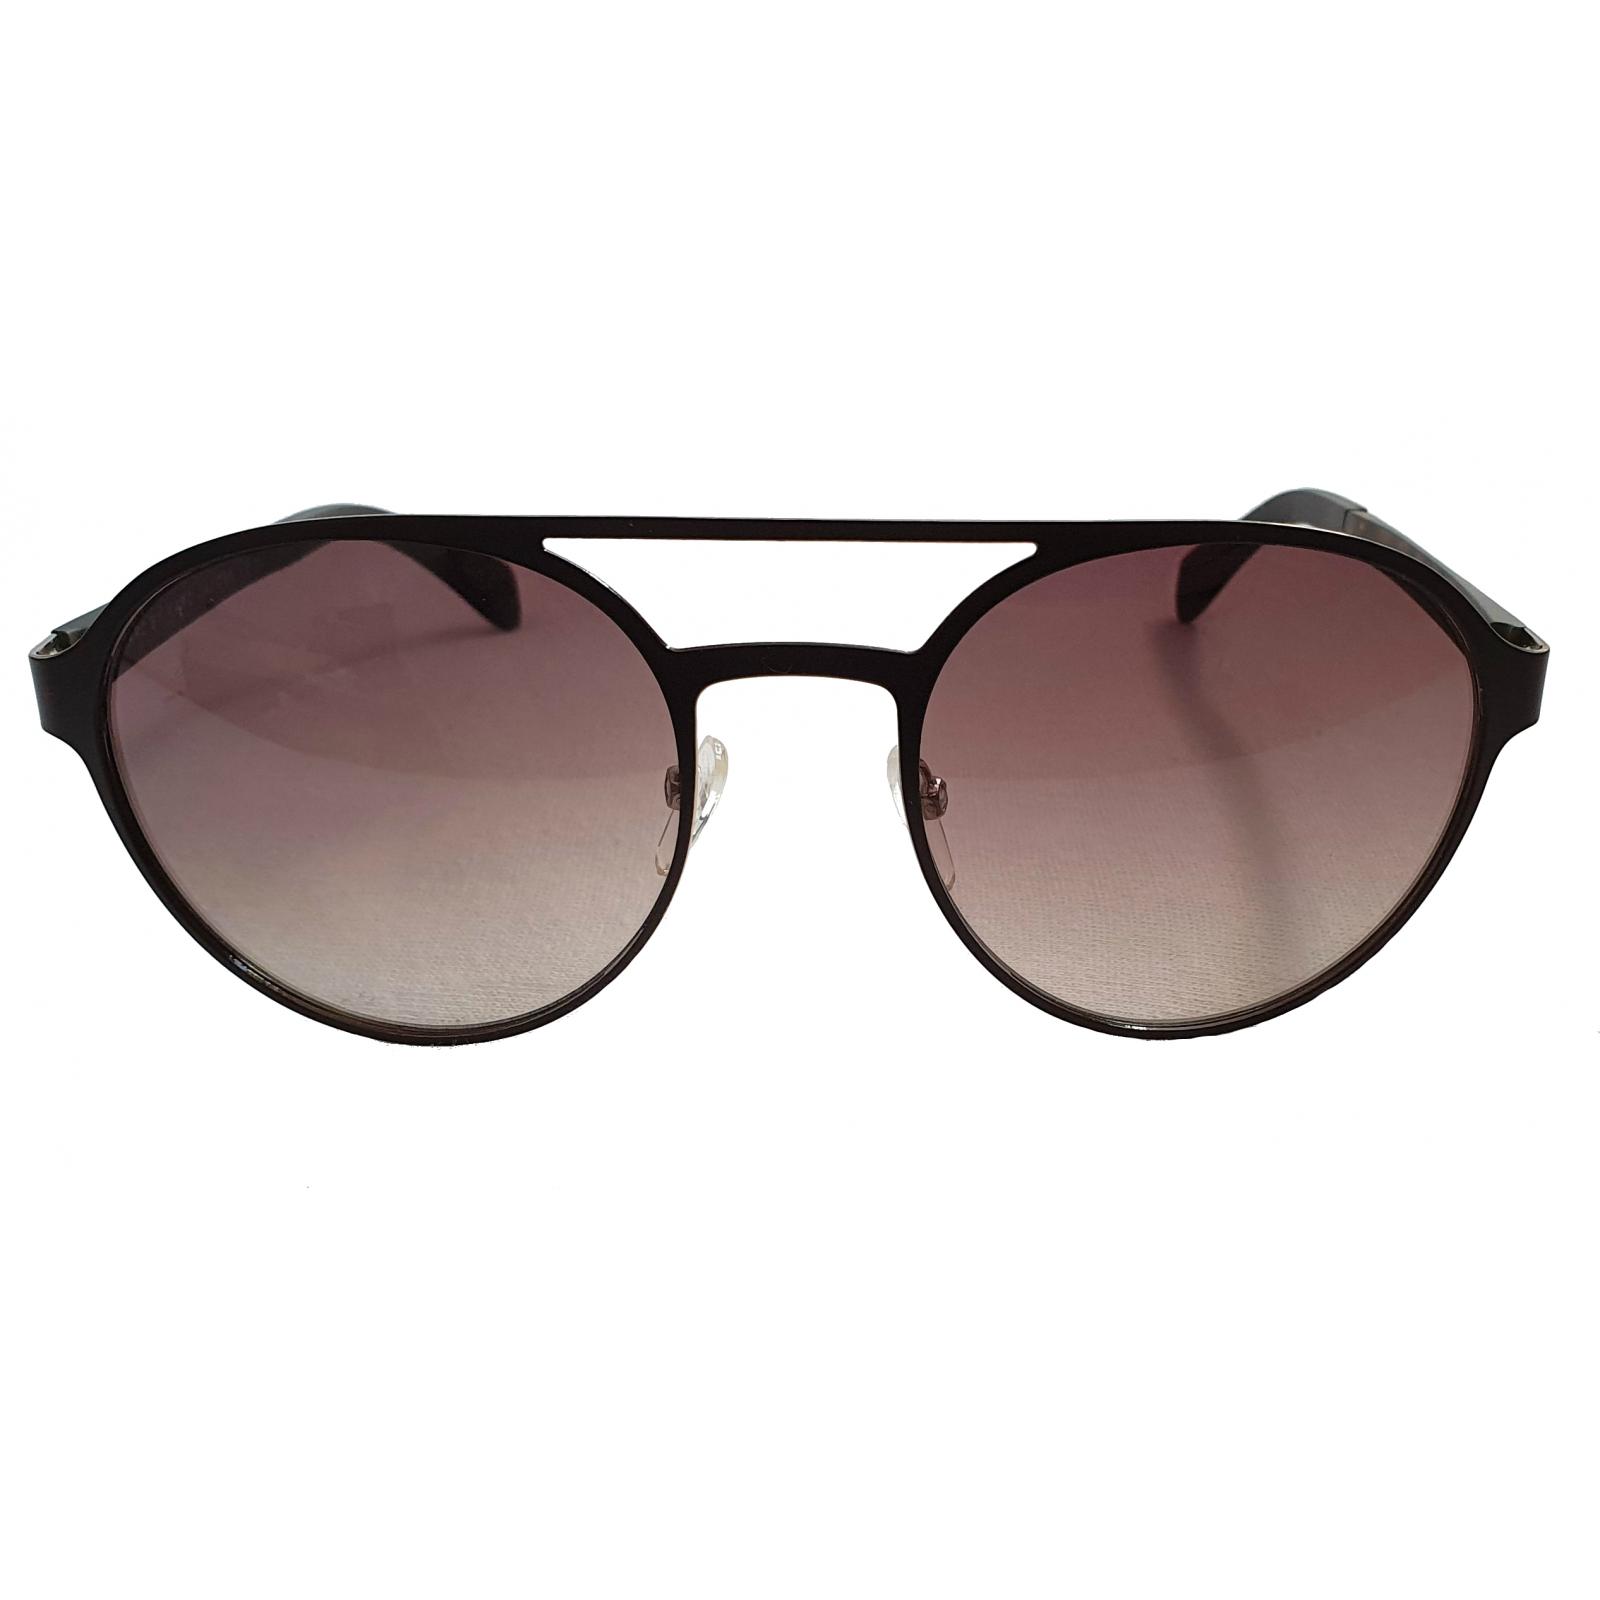 MARC by Marc Jacobs okulary przeciwsłoneczne MMJ 453/S AJICC